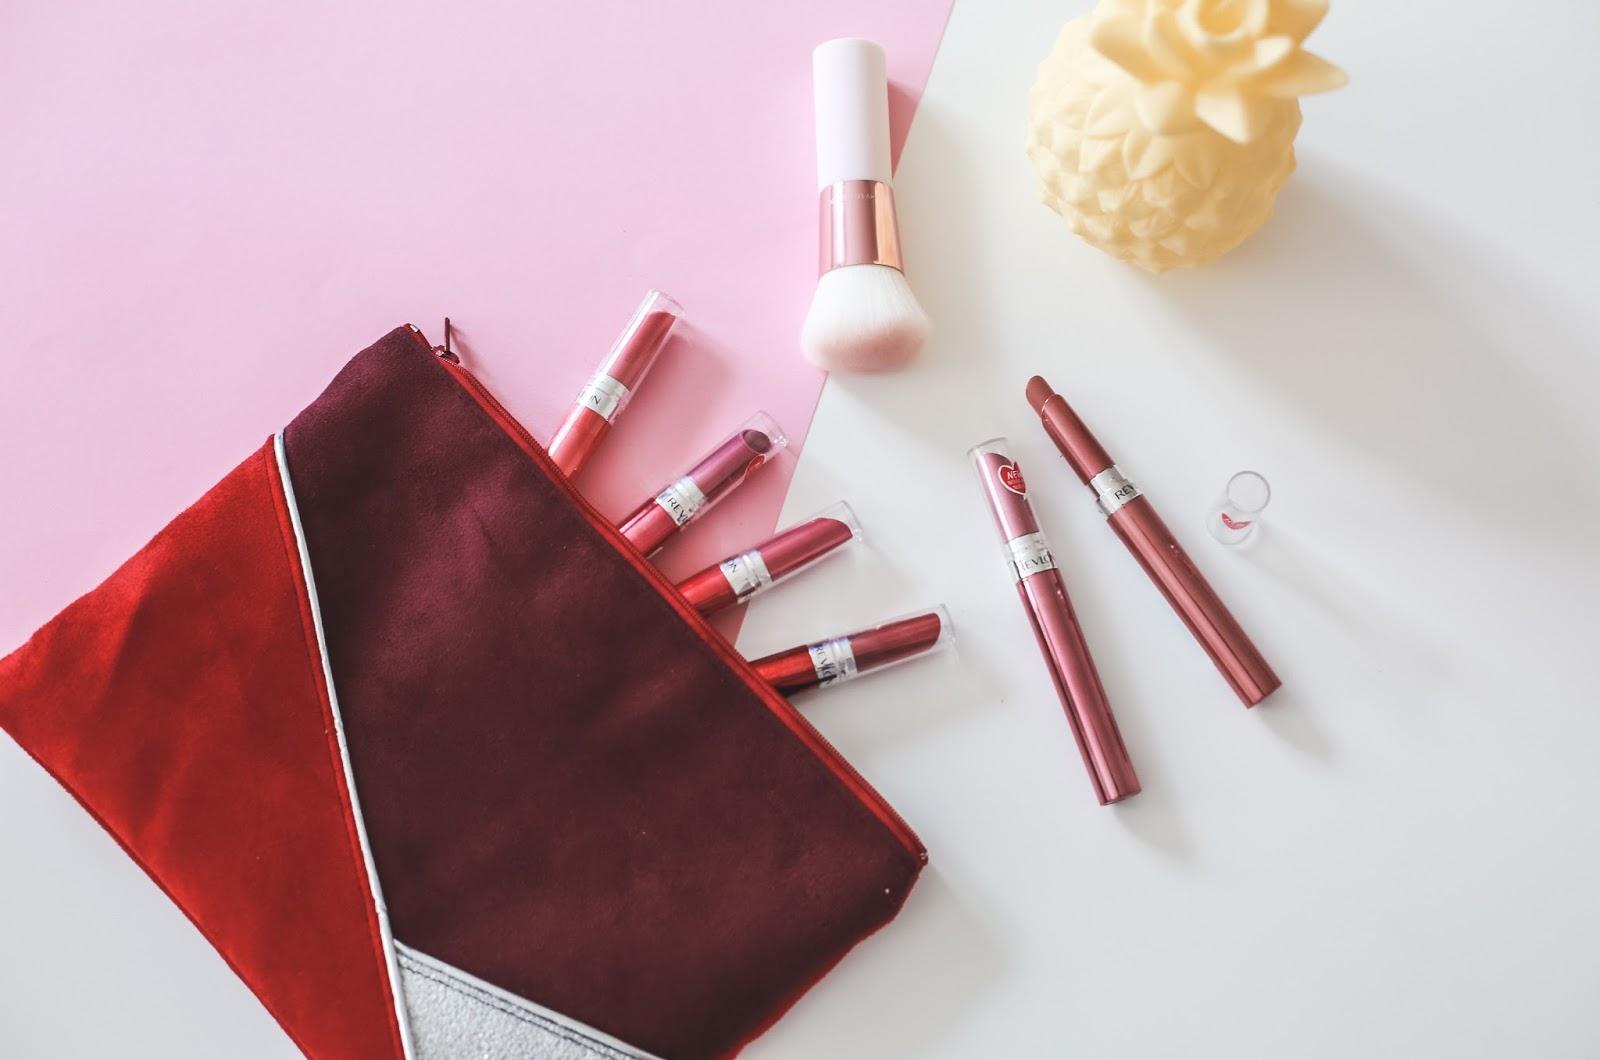 Rouges à lèvres Revlon